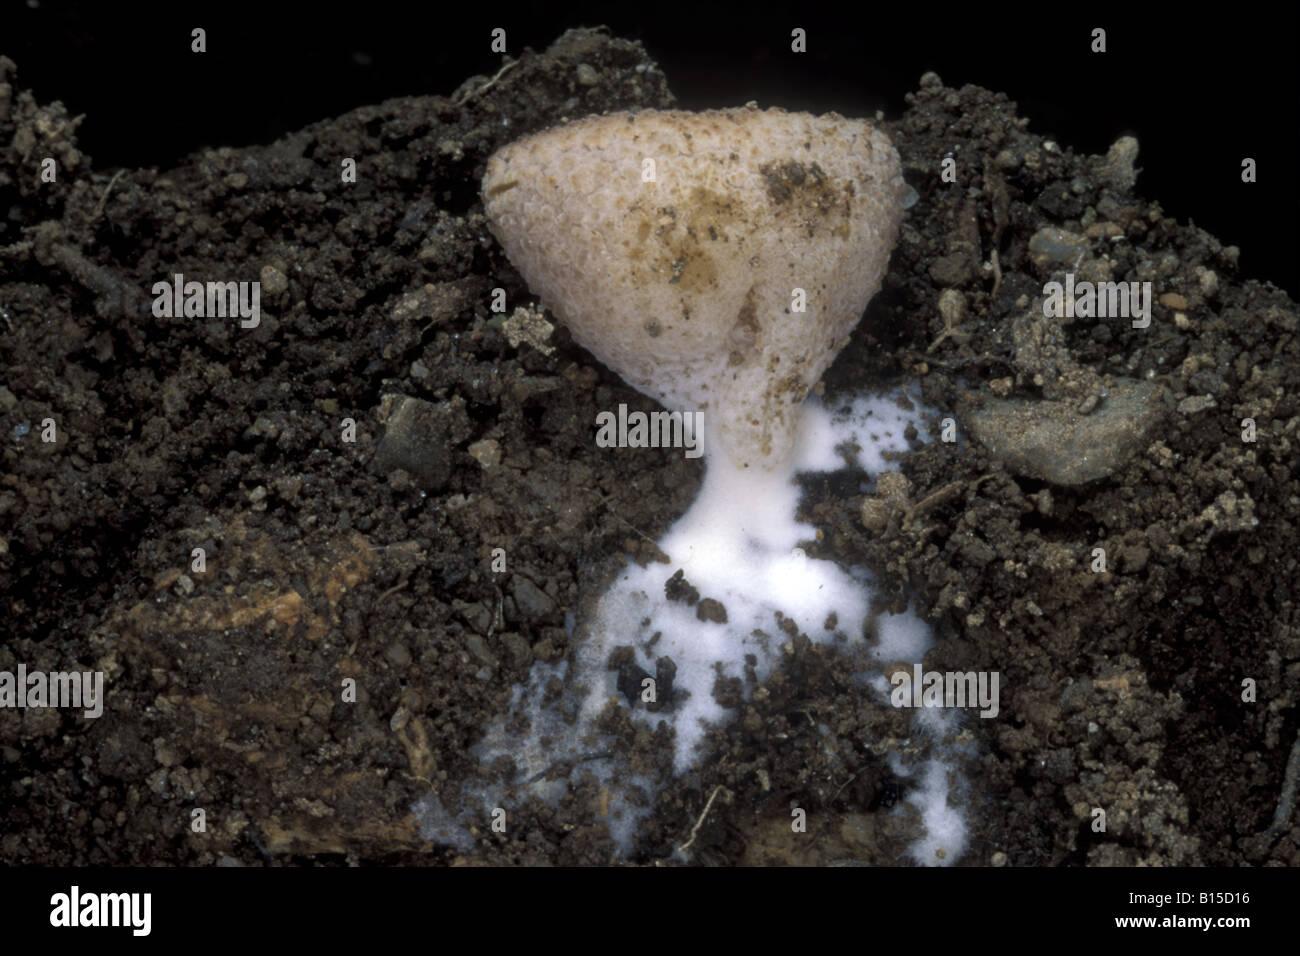 mushroom fungo Peziza micropus fungo non ancora spuntato ife sezione del terreno con fungo Parco di Monza Parco - Stock Image